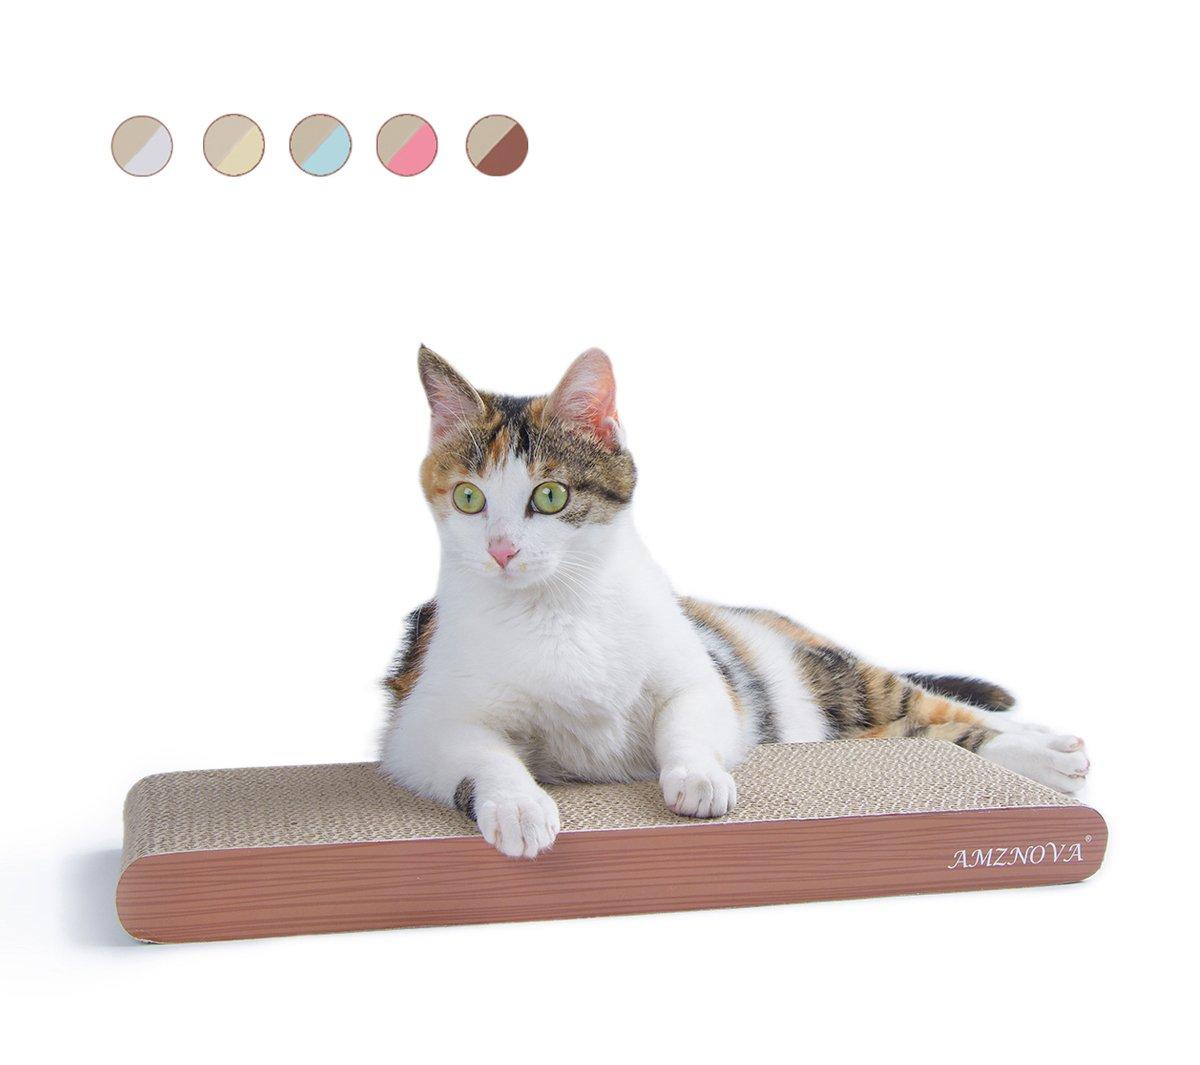 ANZNOVA Griffoirs pour chats, Chat Griffoirs, Carton Ondulé pour Chat, Chat Planche à Gratter, Jouets à l'herbe à chat AMZNOVA